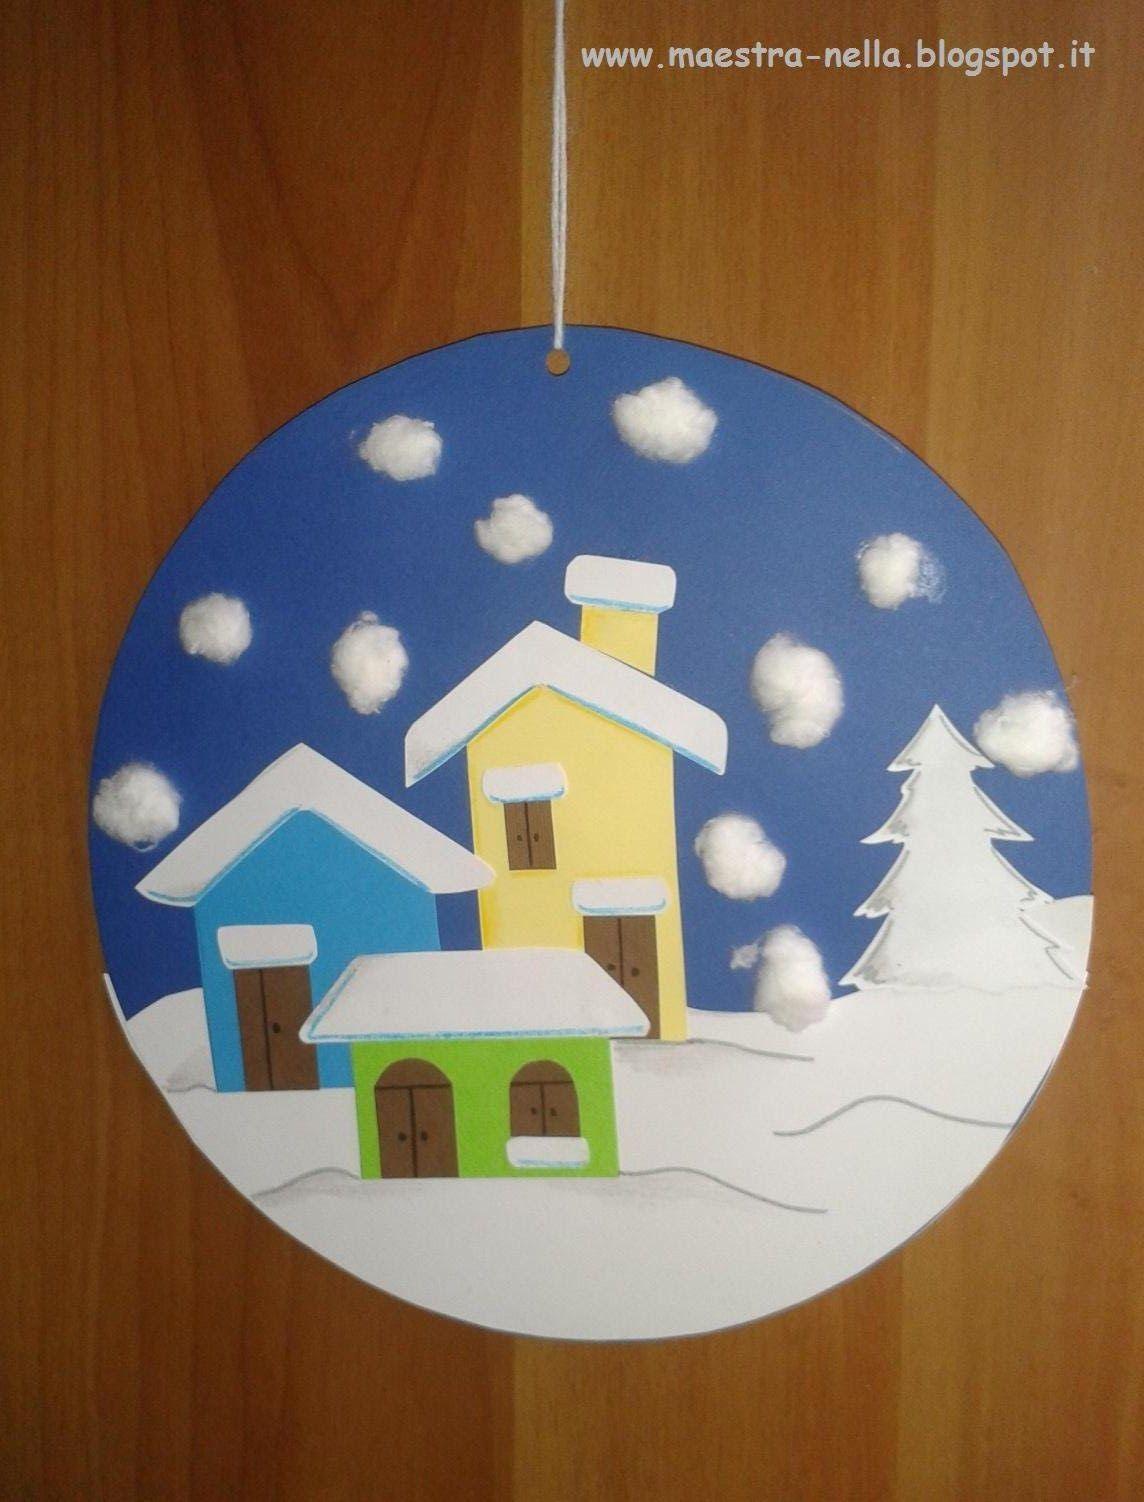 Maestra nella addobbi invernali invierno manualidades for Addobbi finestre natale scuola infanzia